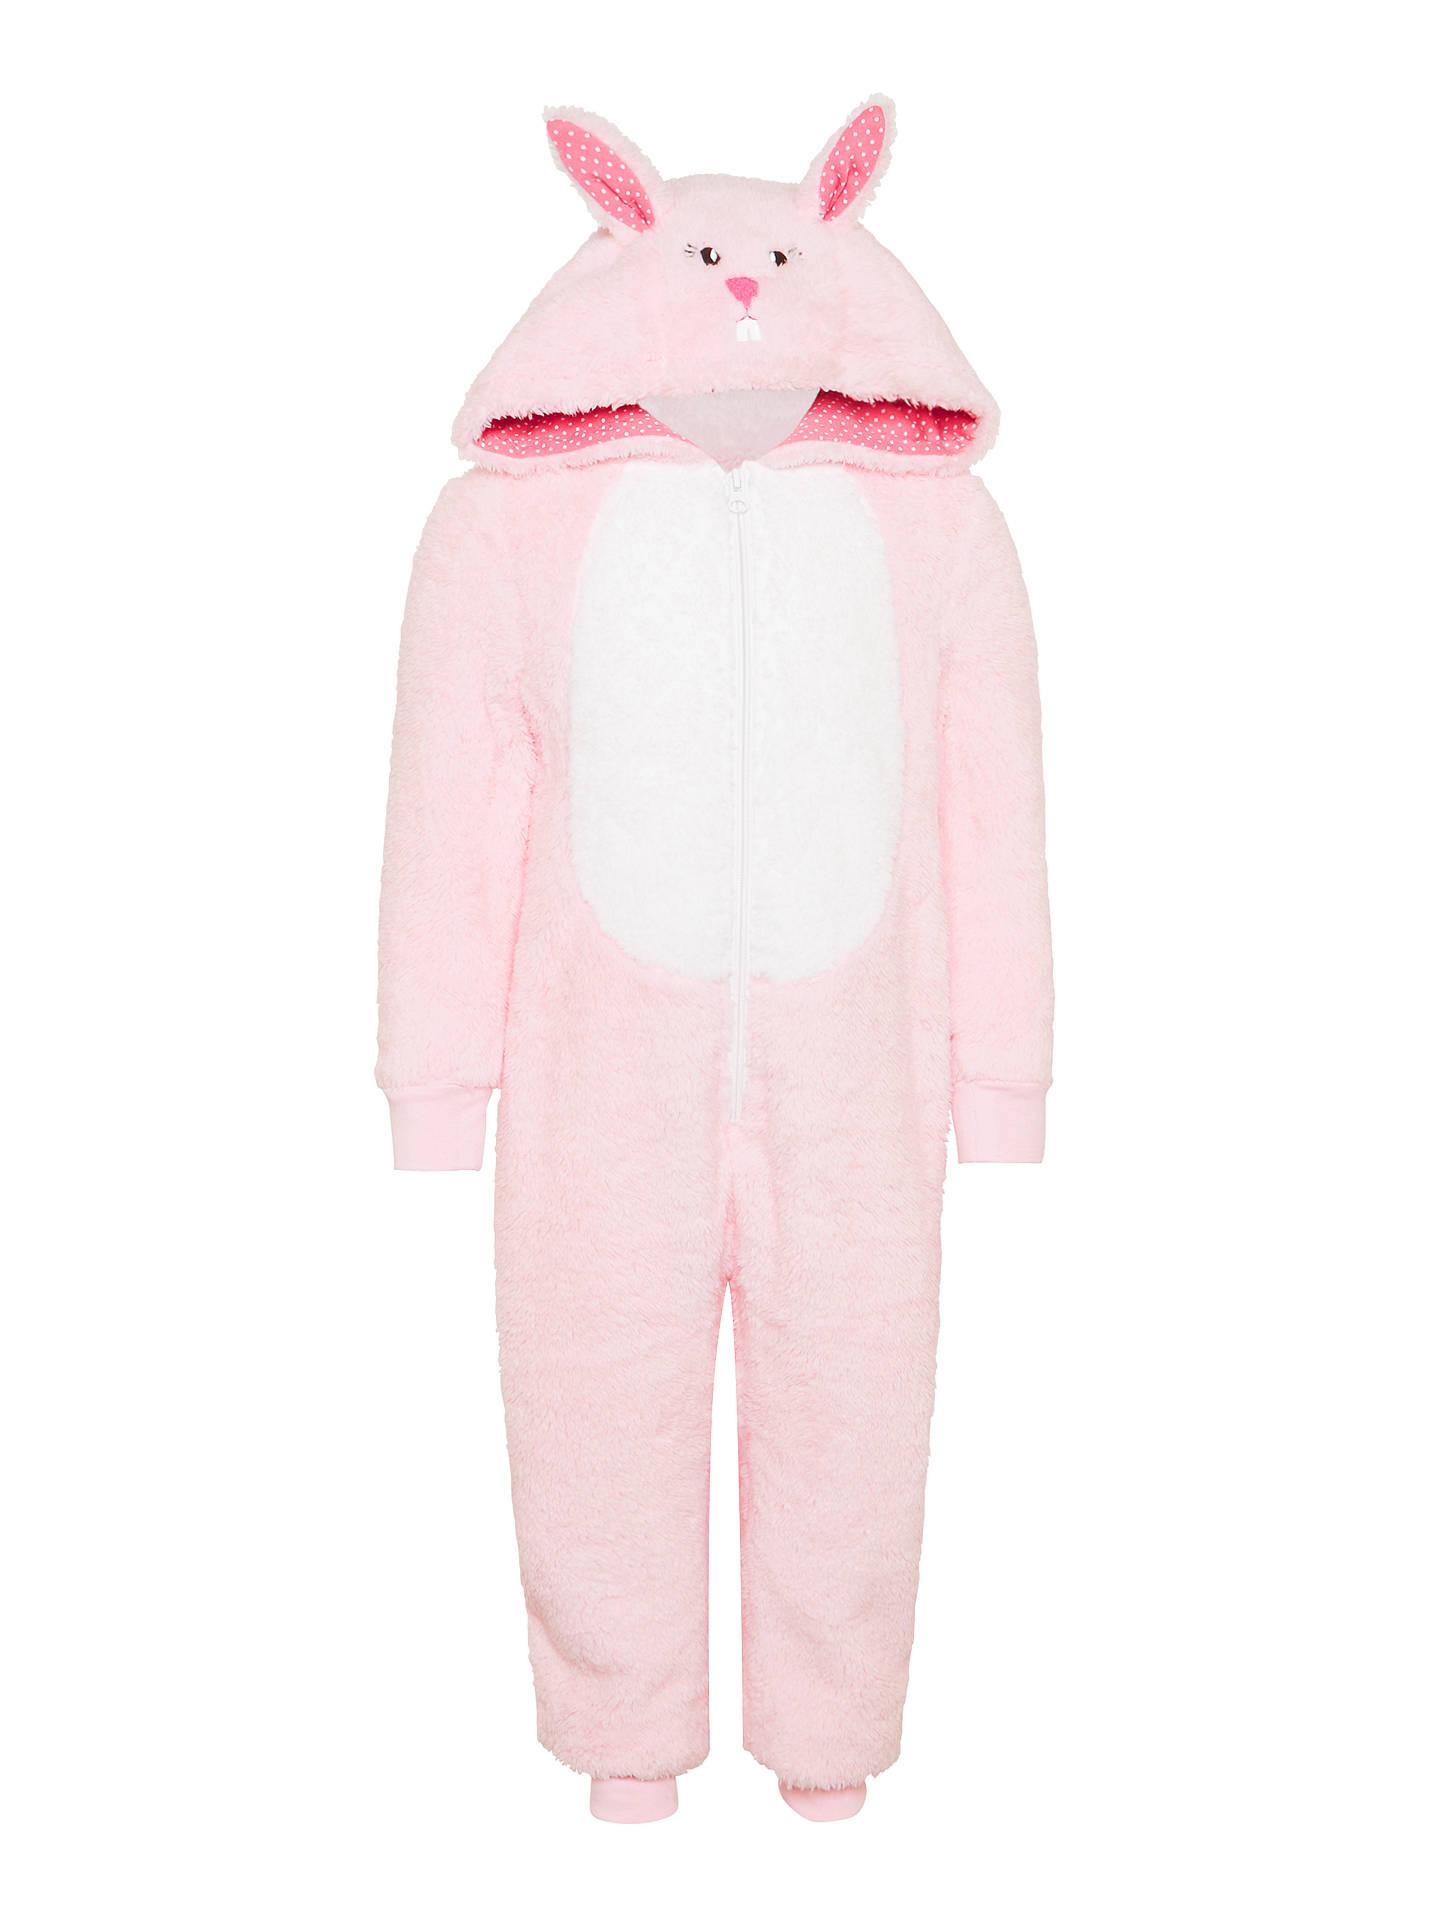 234a75a11979 Buy John Lewis Children s Bunny Onesie